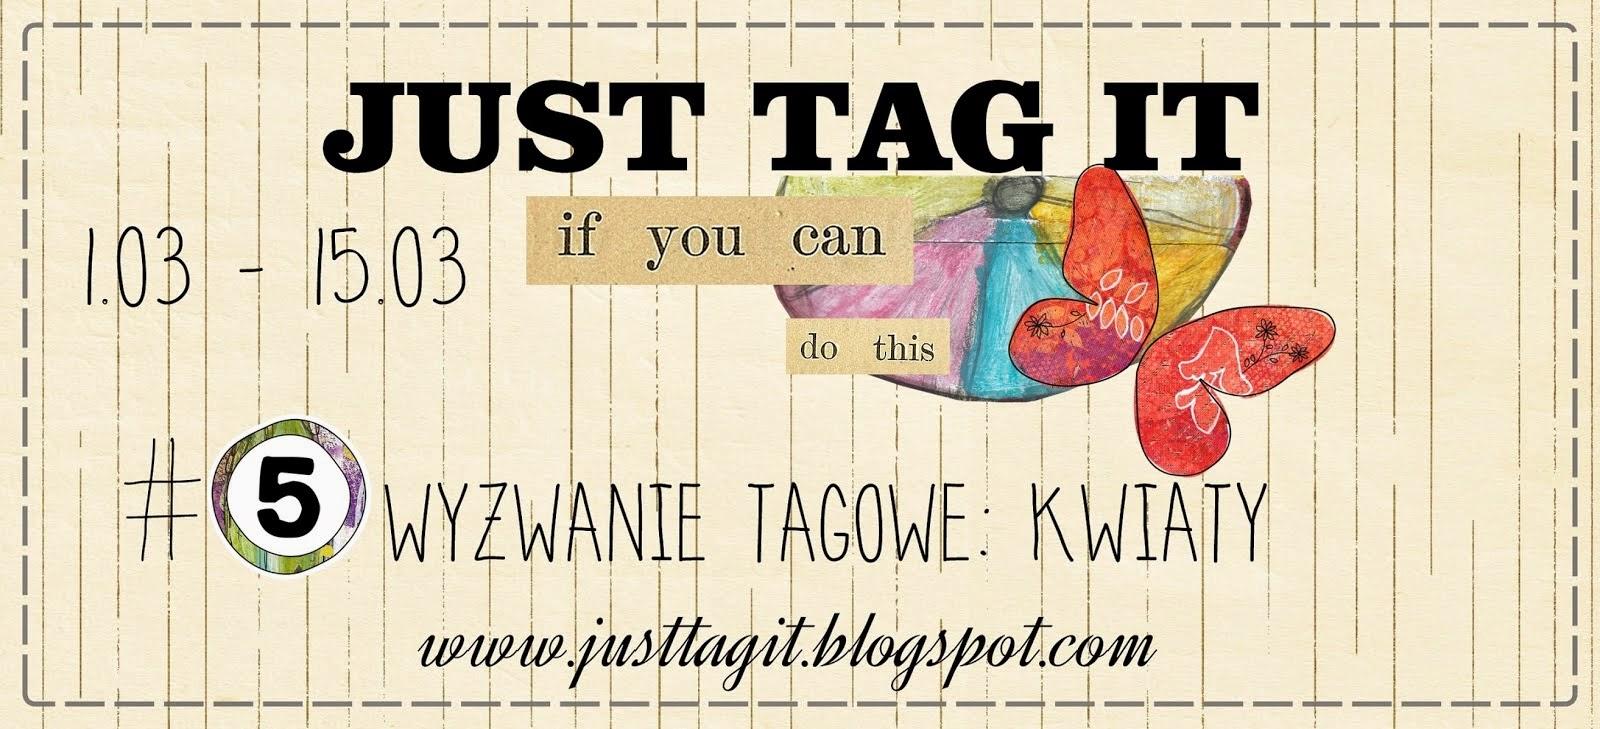 http://justtagit.blogspot.com/2015/03/5-wyzwanie-tagowe-kwiaty.html